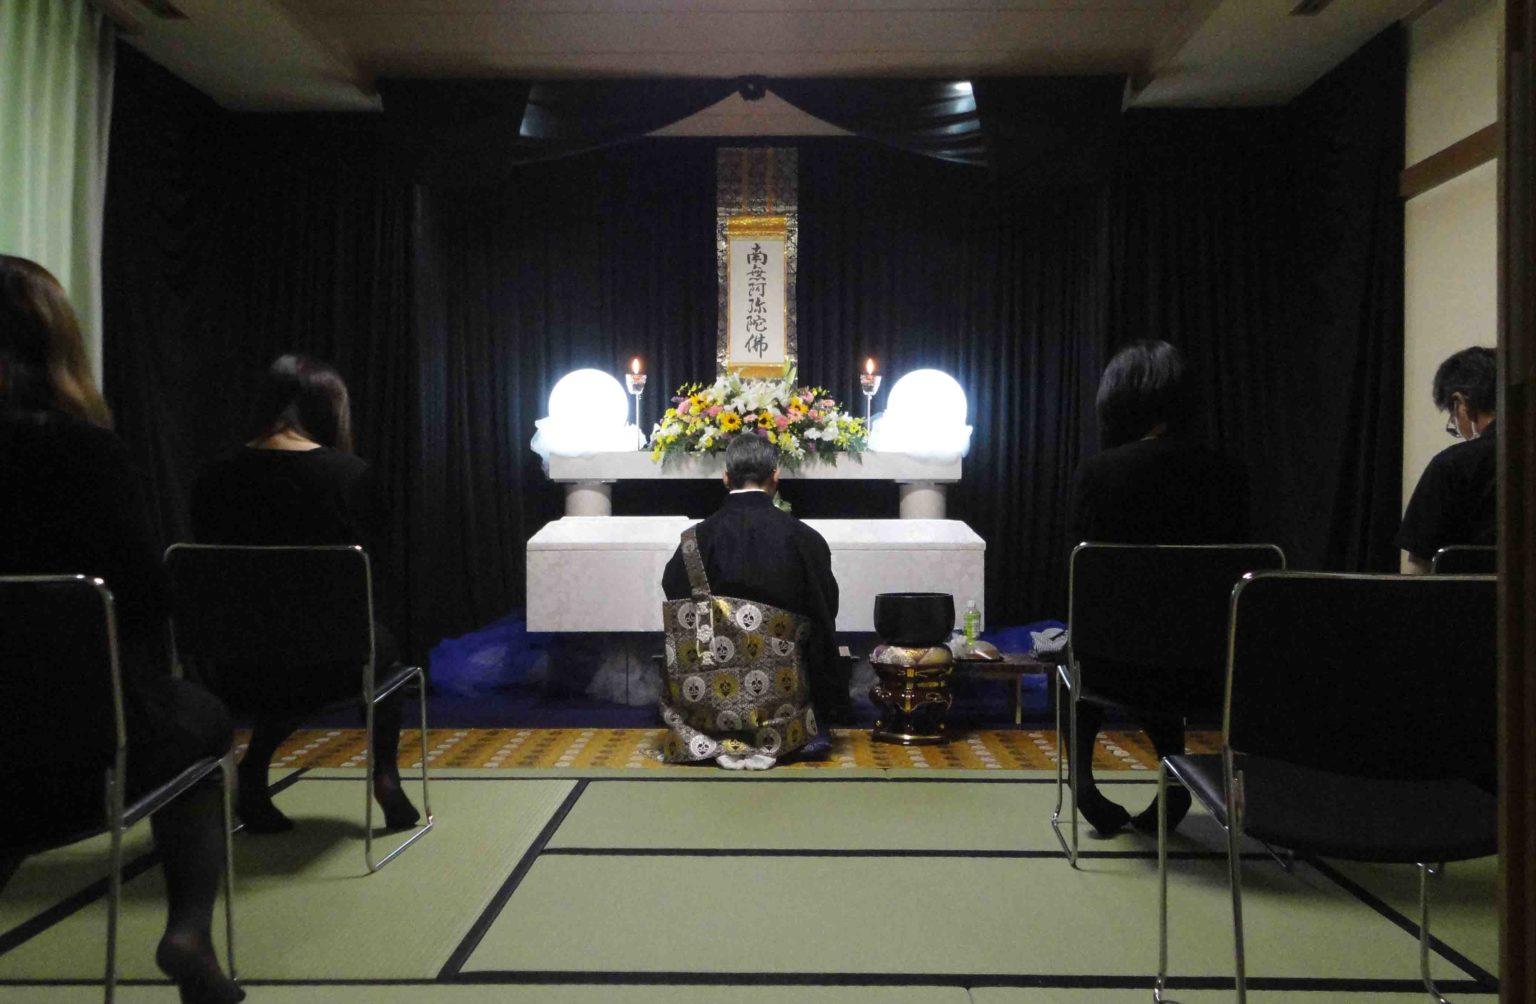 福祉葬儀の実例を紹介